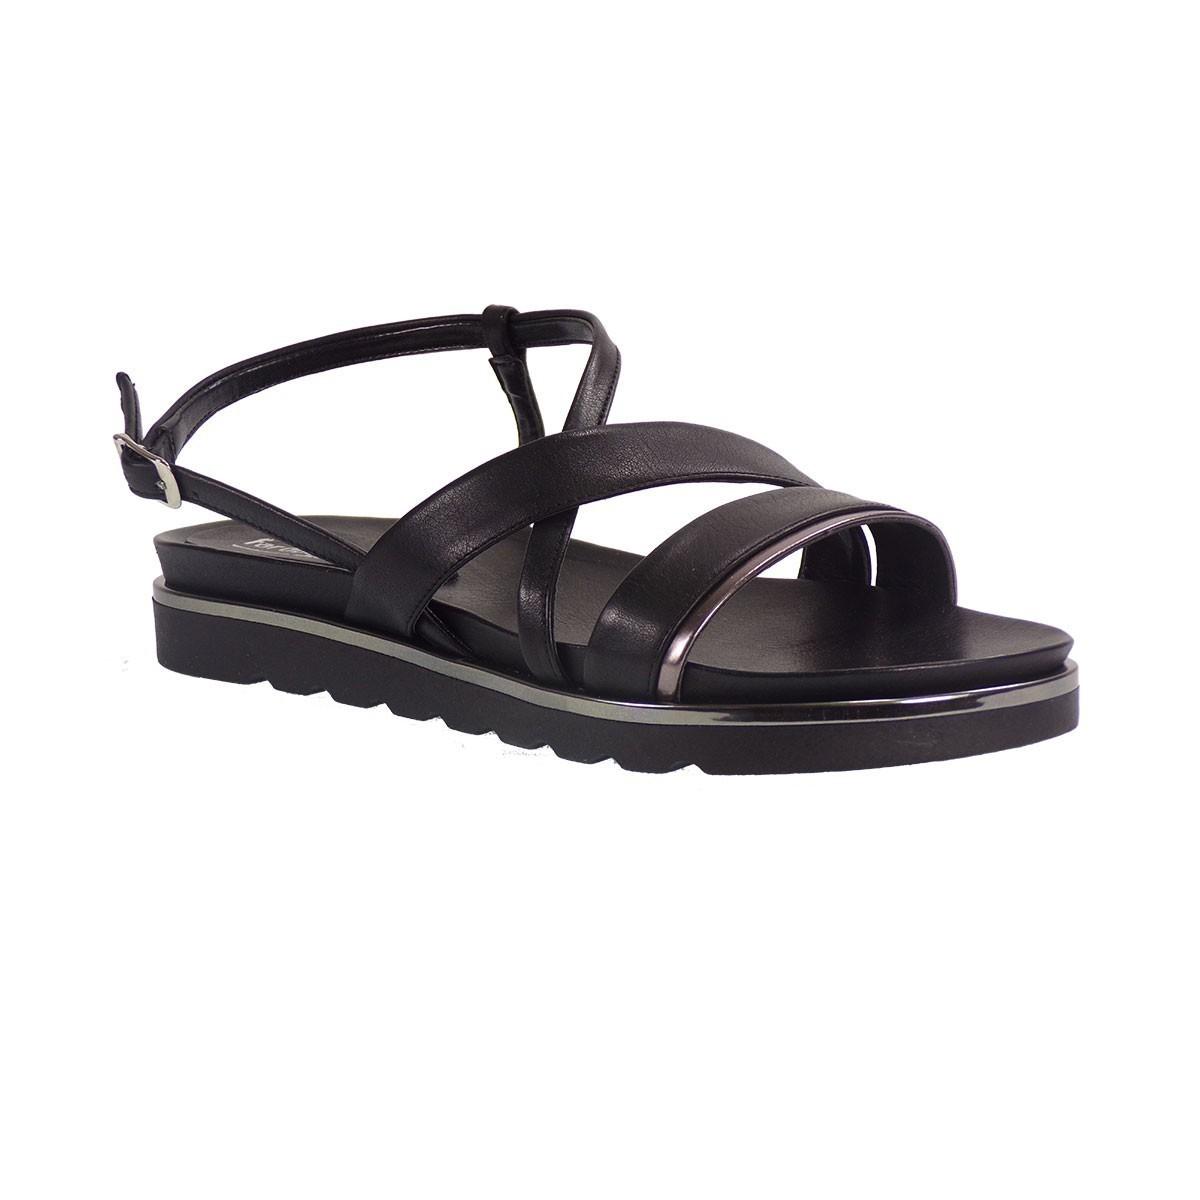 Fardoulis shoes Γυναικεία Πέδιλα 35119 Μαύρο Δέρμα